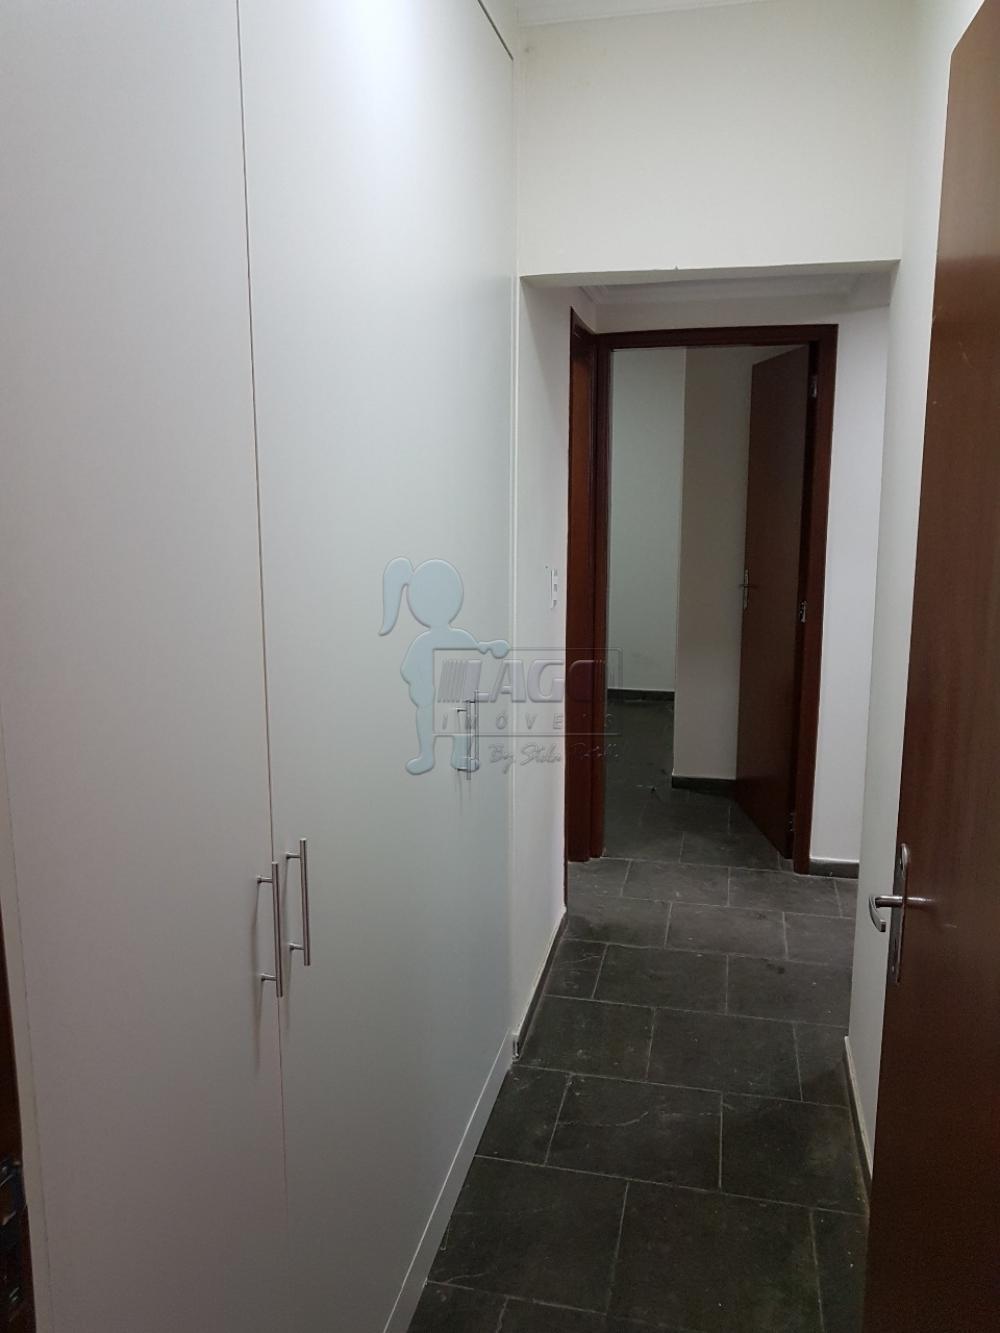 Comprar Apartamento / Padrão em Ribeirão Preto apenas R$ 295.000,00 - Foto 18